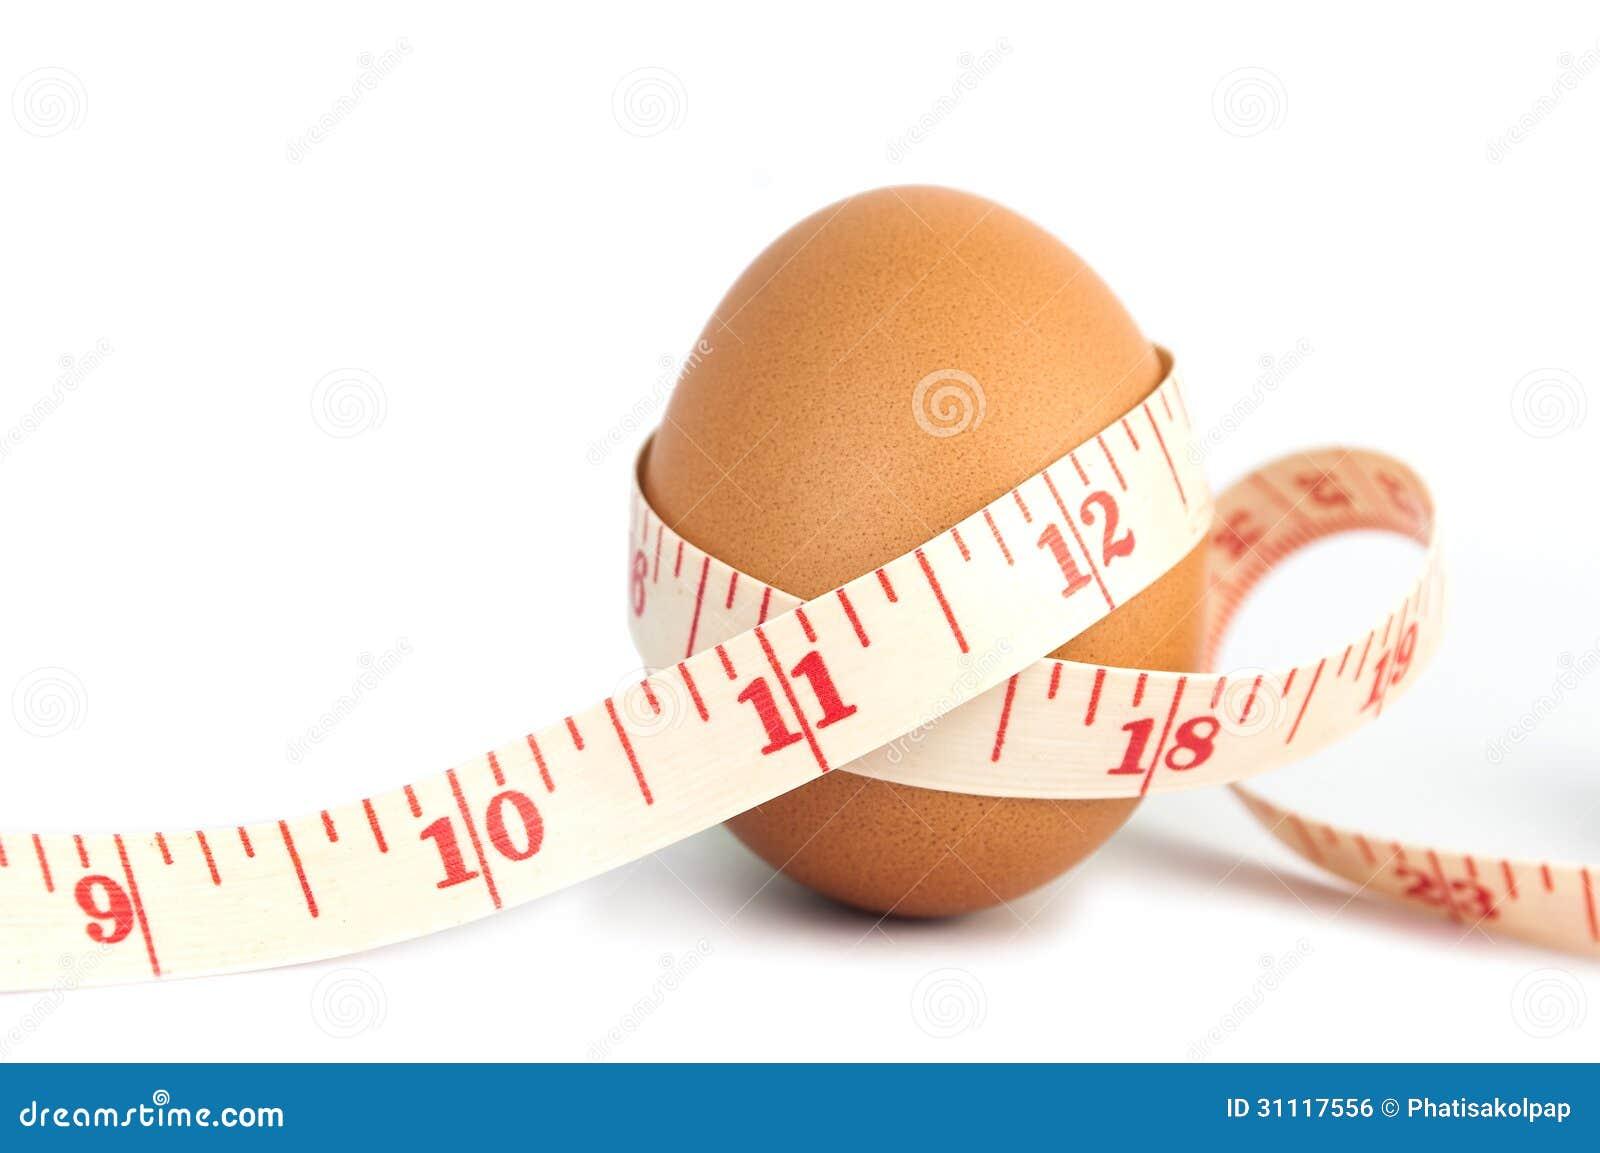 Ταινία μέτρησης που τυλίγεται γύρω από το αυγό